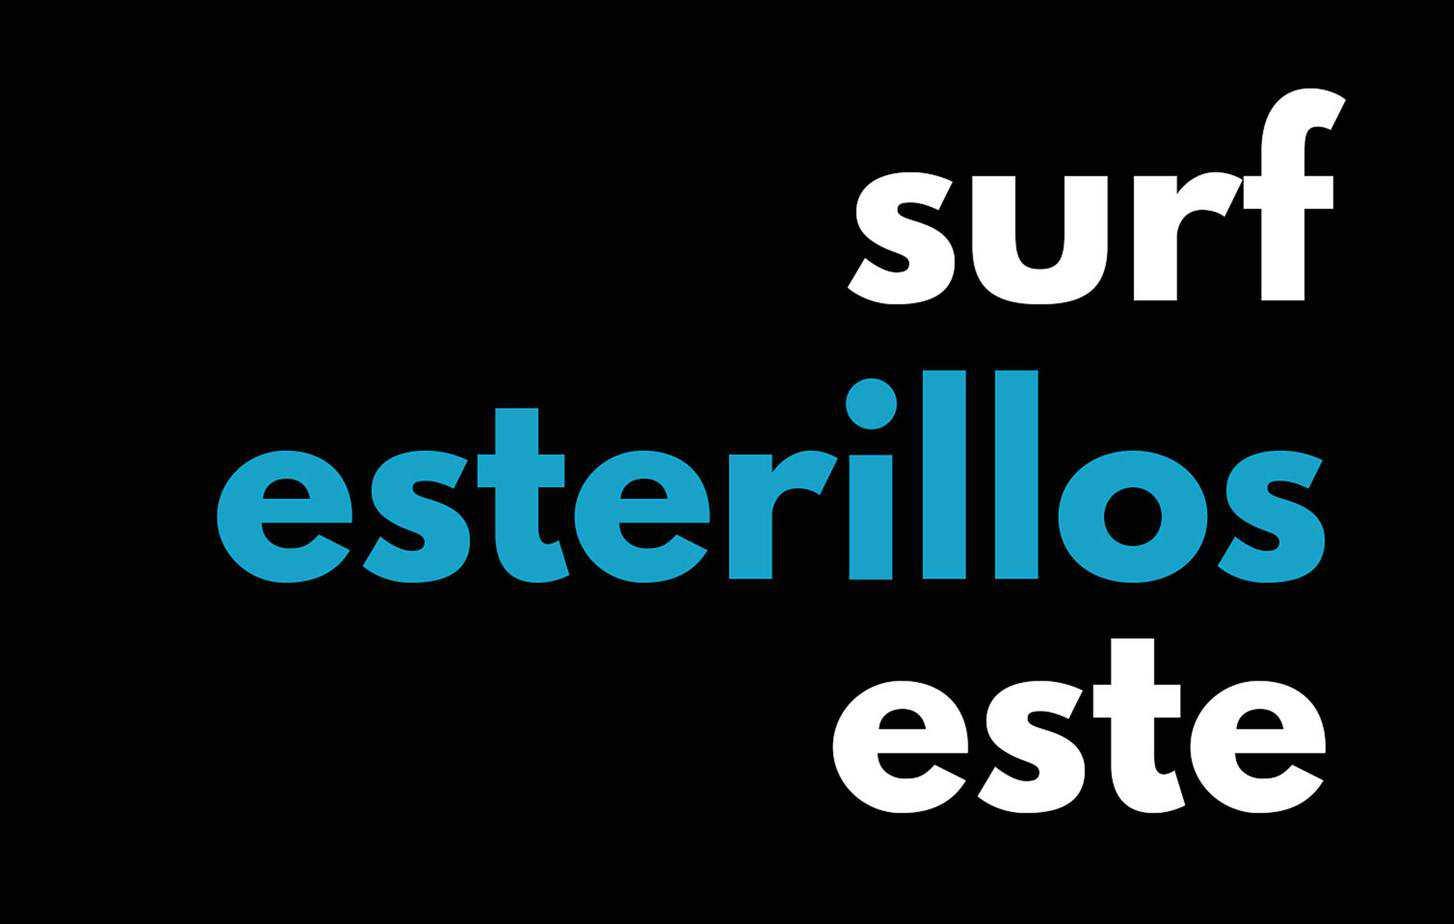 Graphiclagoon surf_logo_2 Surf Esterillos Este